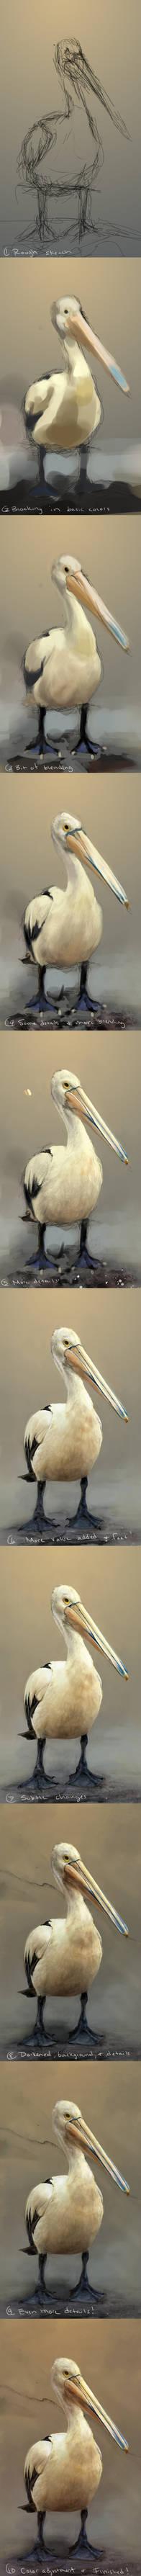 Pelican - Steps